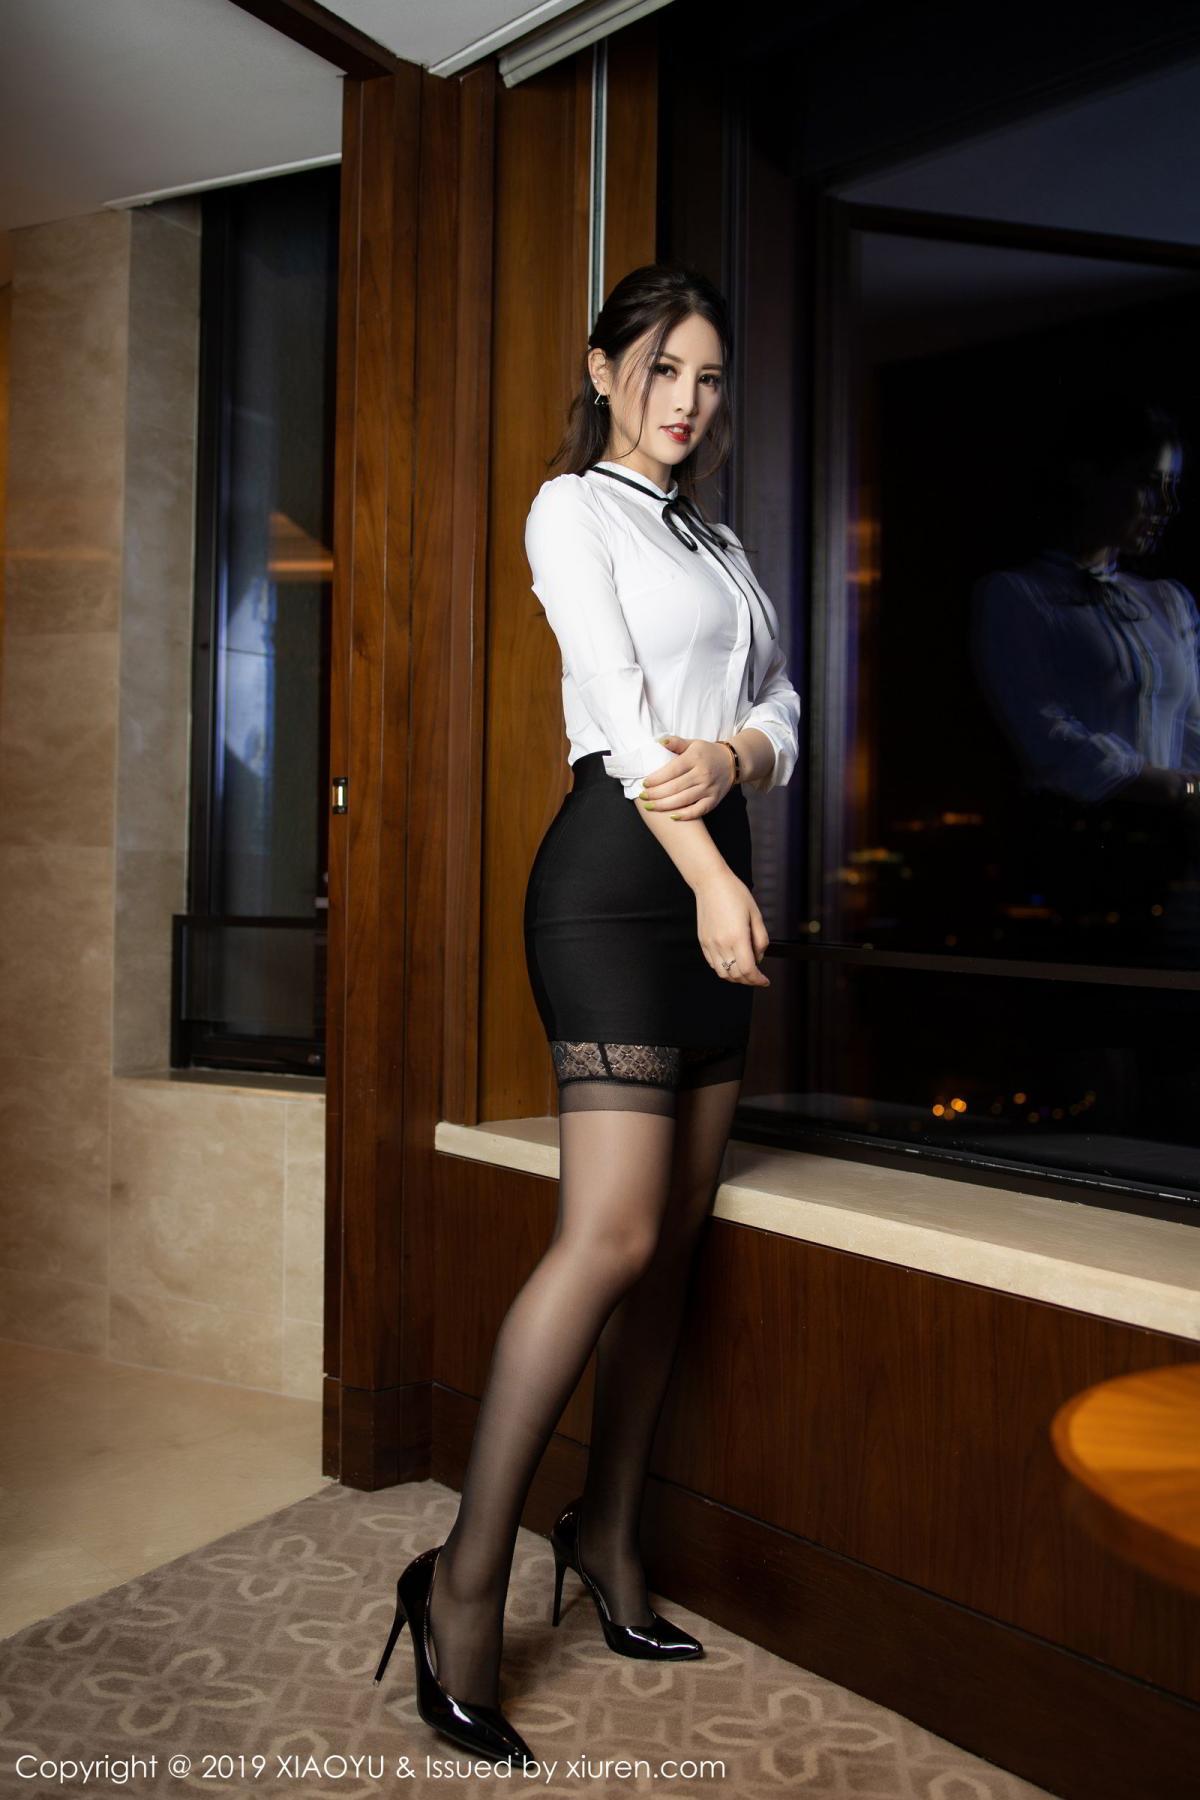 [XiaoYu] Vol.173 Chen Shi Shi 1P, Black Silk, Chen Shi Shi, Underwear, XiaoYu